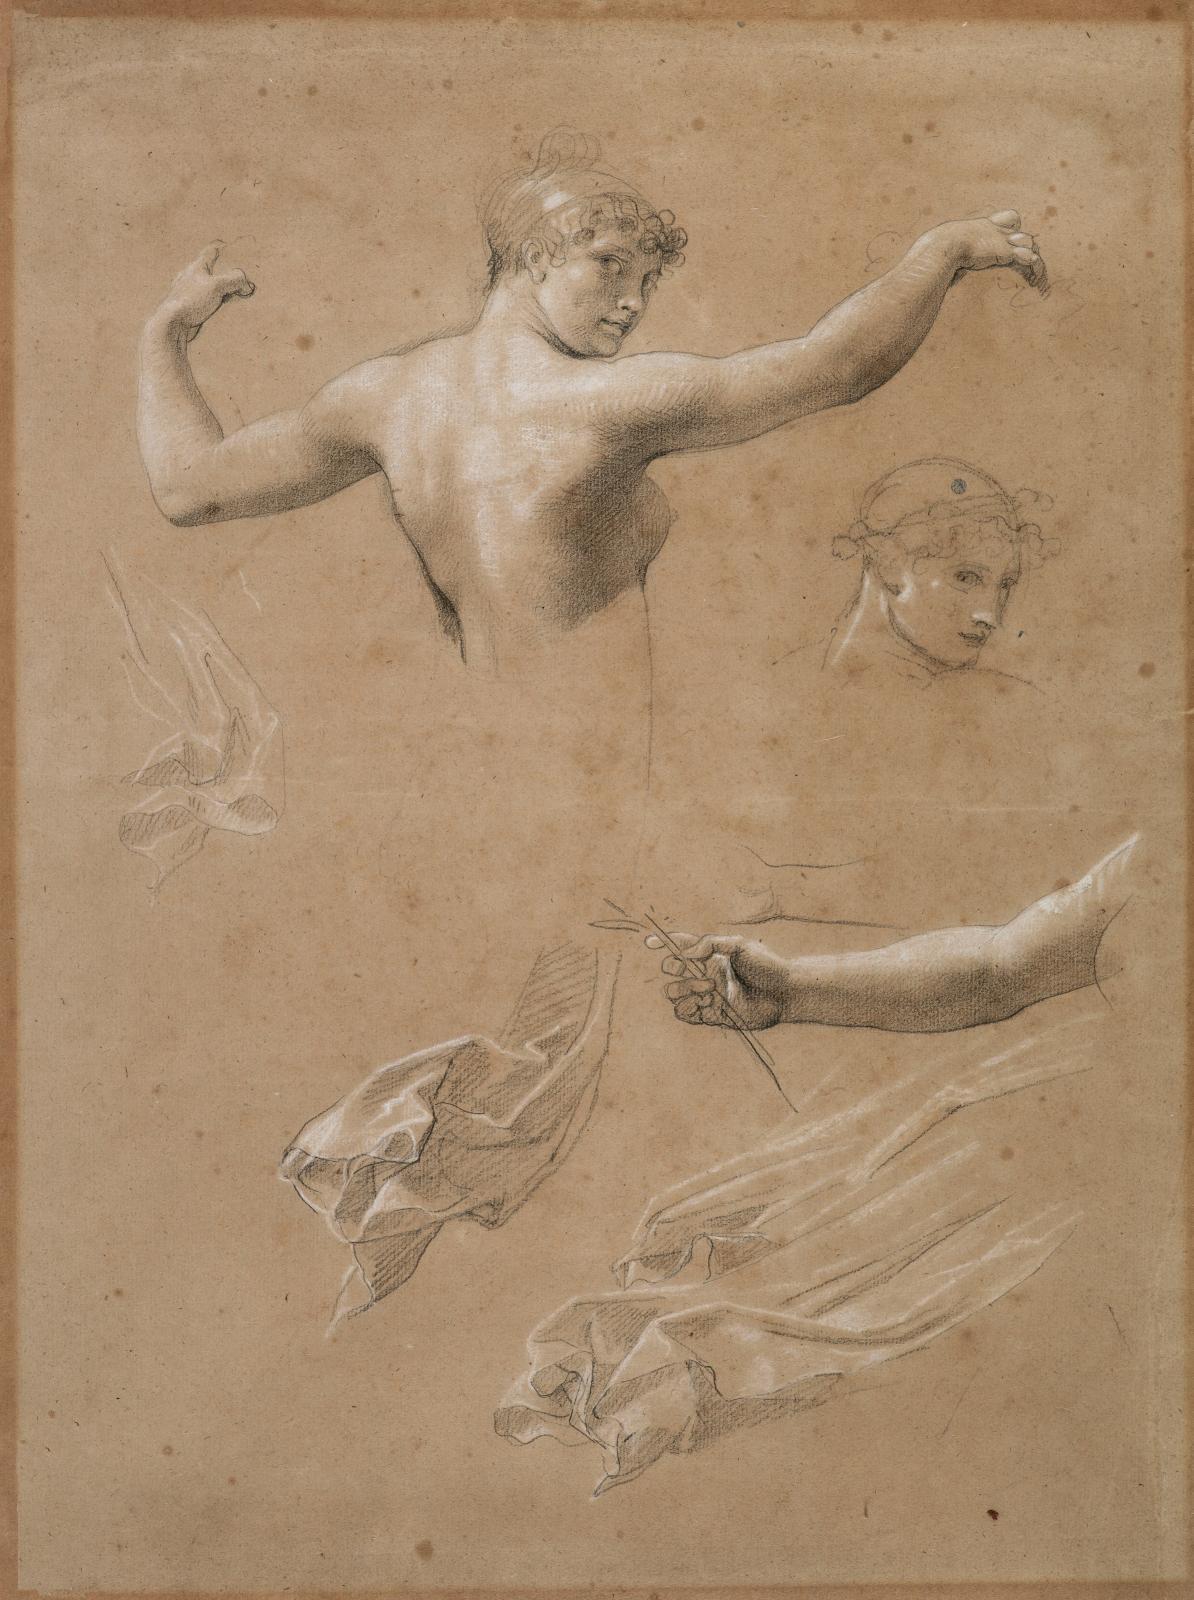 Jean-Baptiste, baron Régnault (1754-1829), Étude pour La Marche triomphale de Napoléon vers le temple de l'Immortalité, vers1804, pierre noire et reh